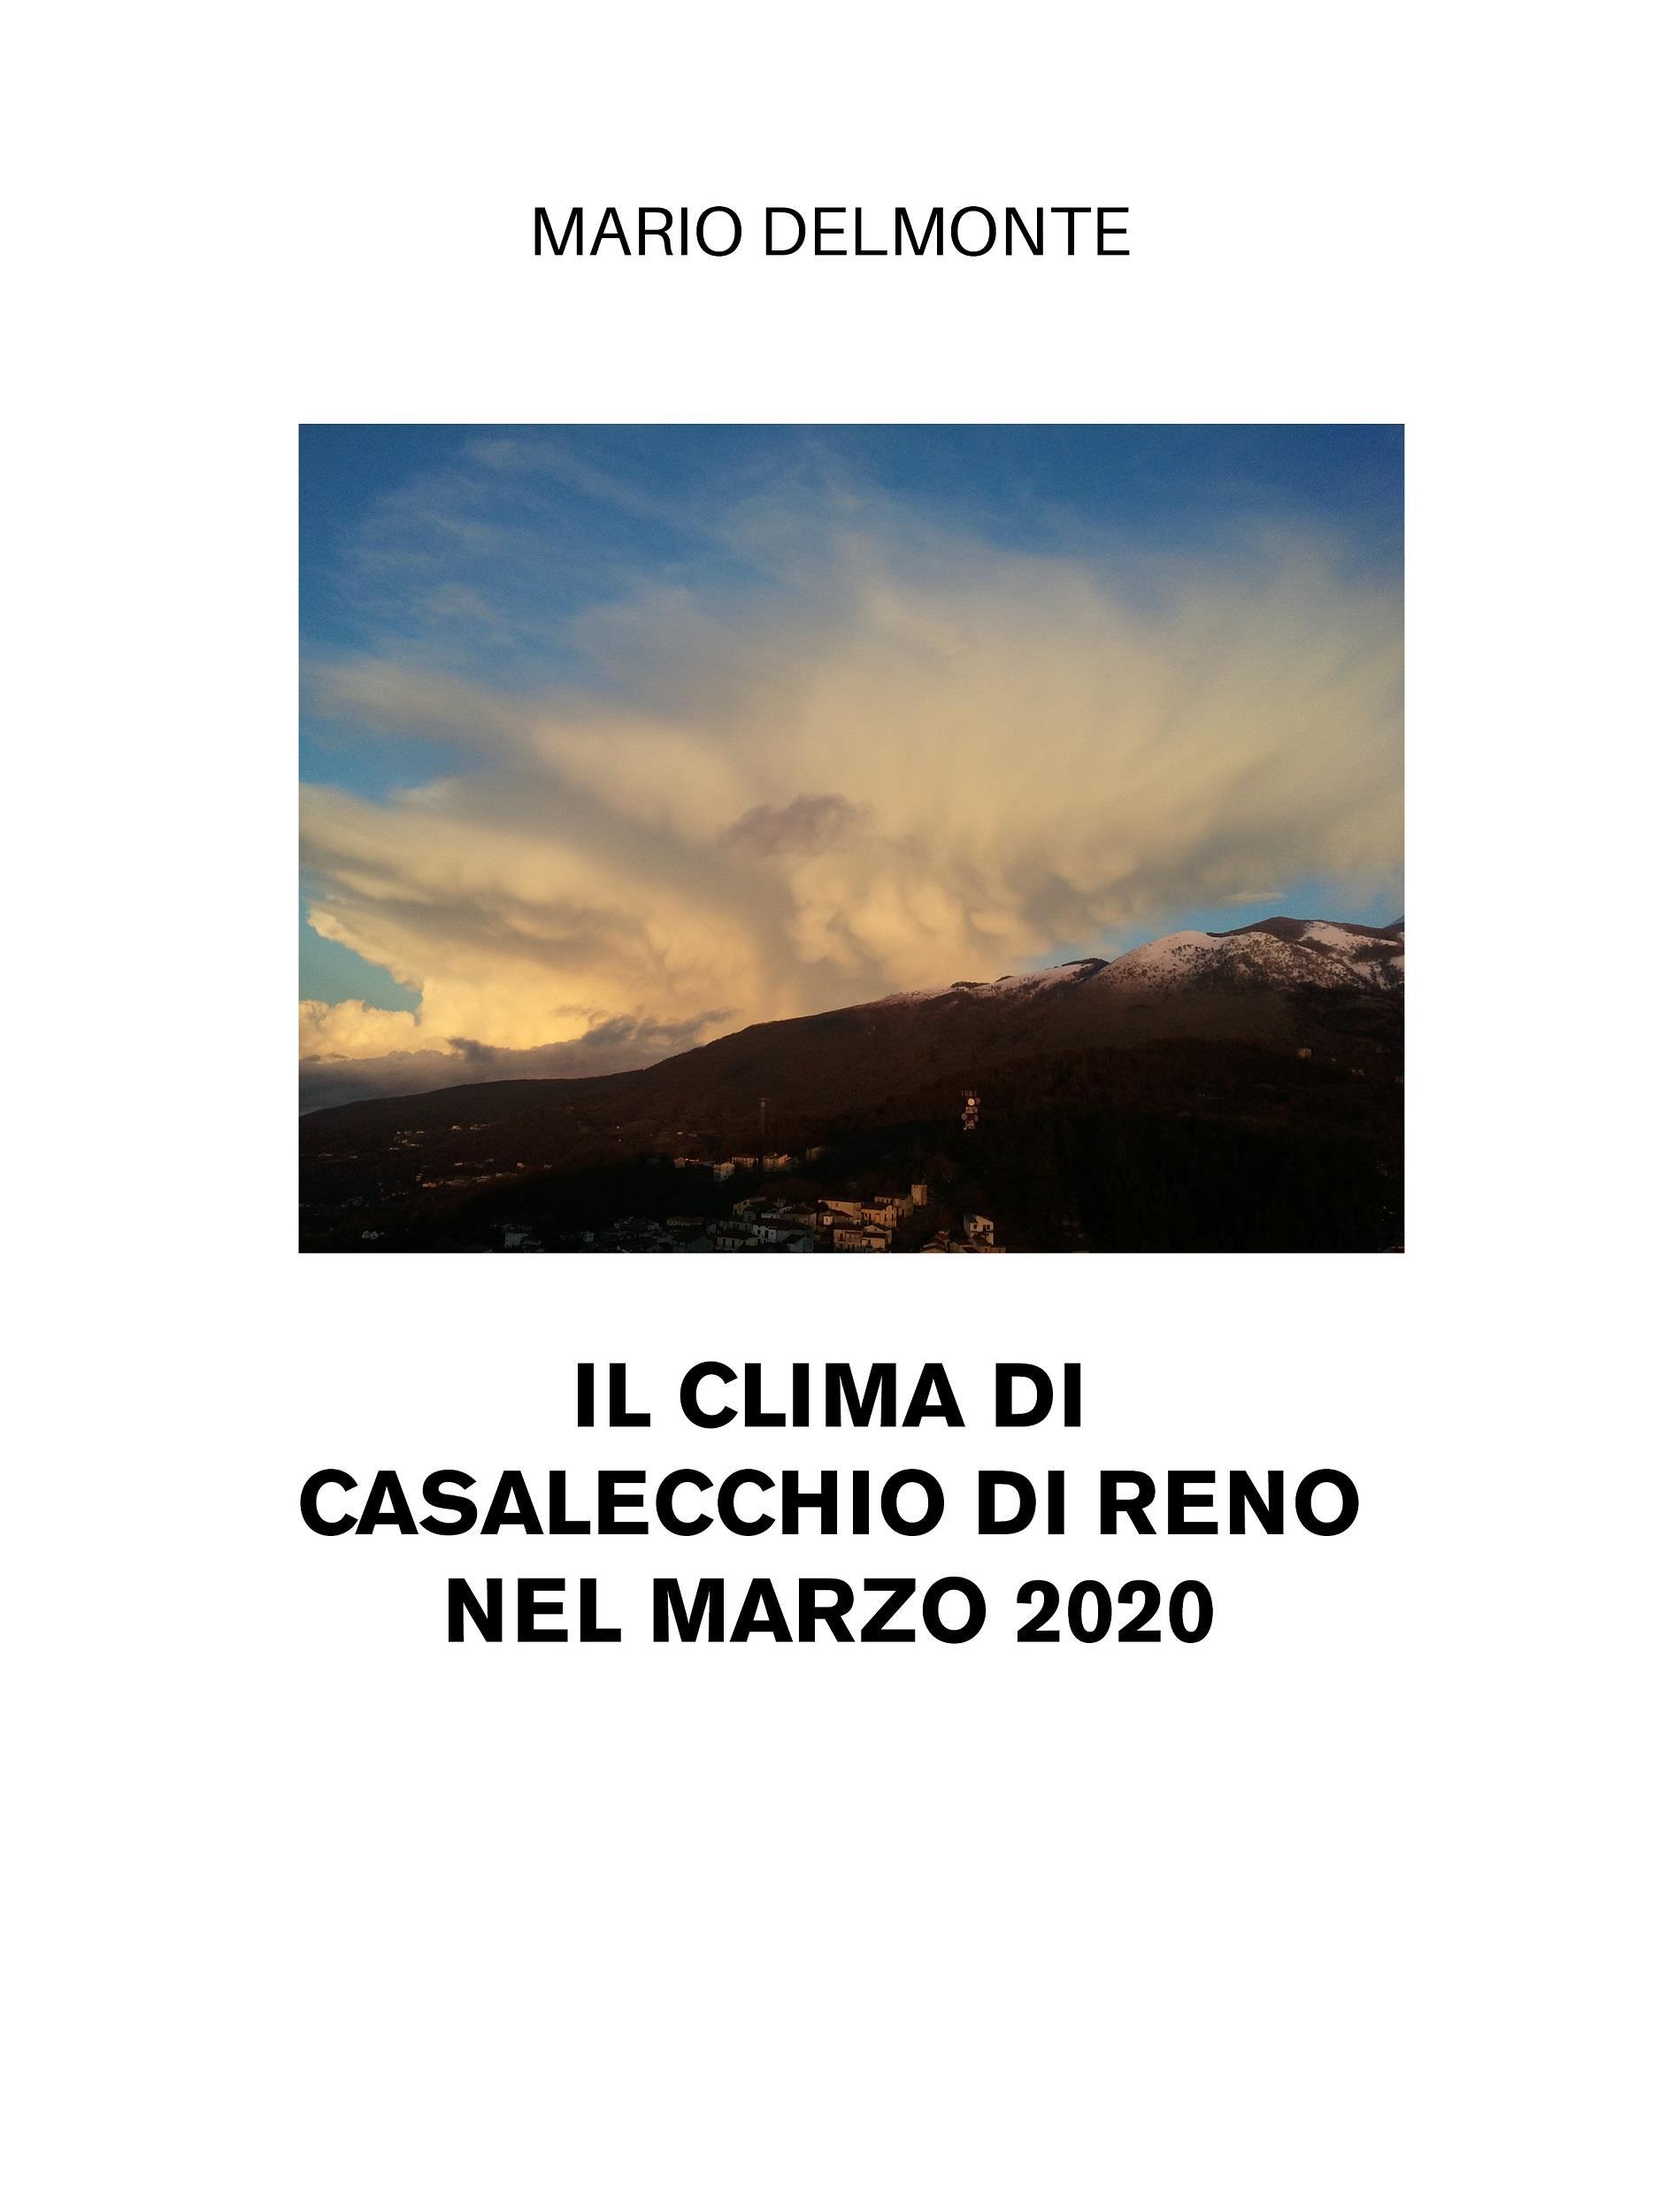 Il clima di Casalecchio di Reno nel marzo 2020